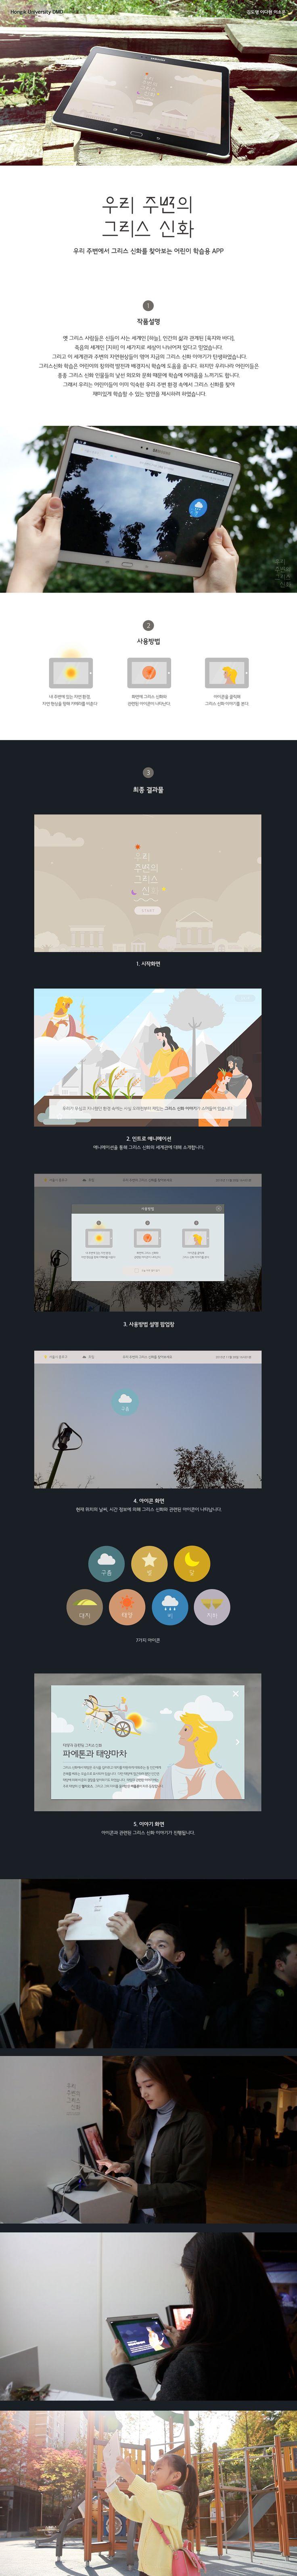 김도영, 이다현, 이소은│ 우리주변의 그리스신화│ Major in Digital Media Design │#hicoda │hicoda.hongik.ac.kr